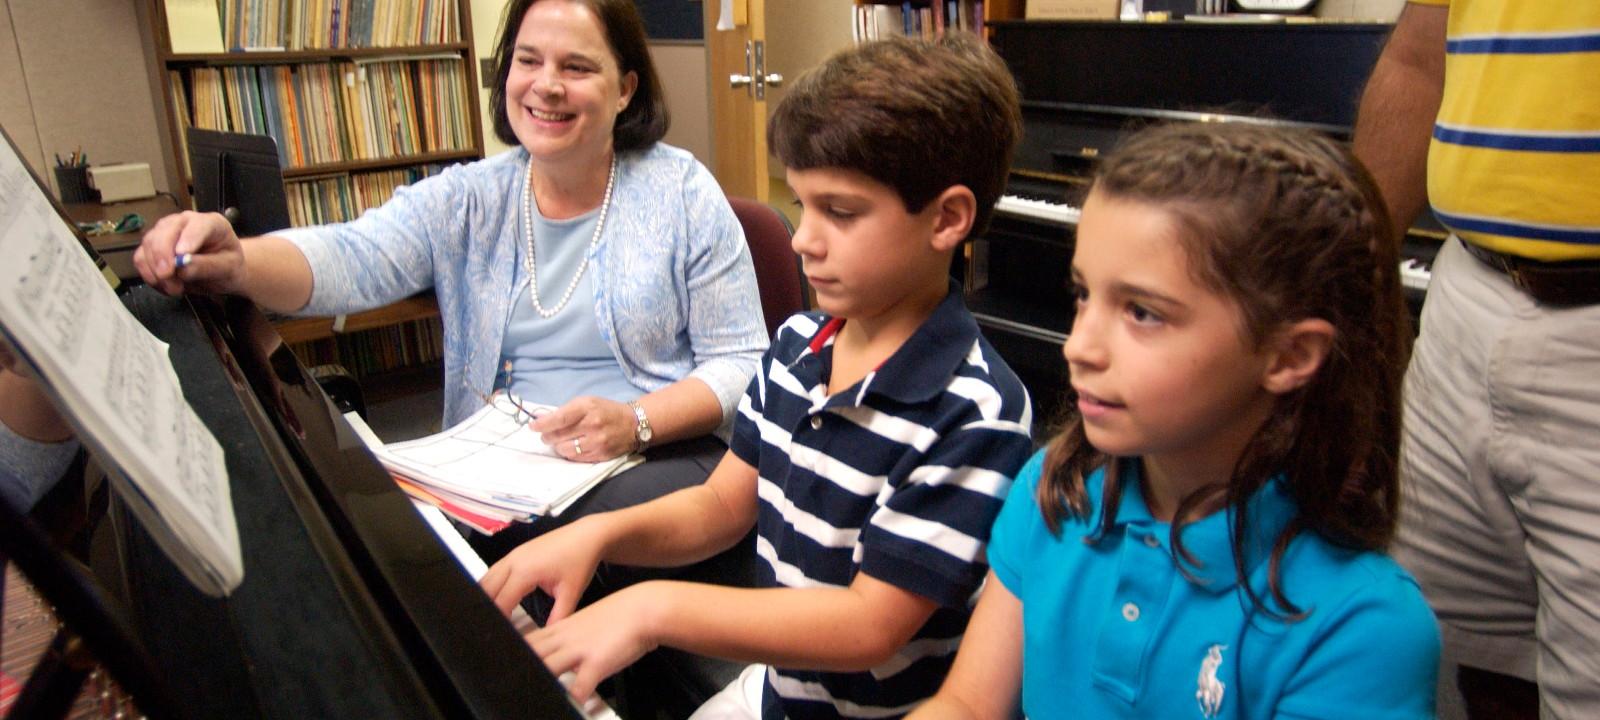 Preparatory Piano Lessons